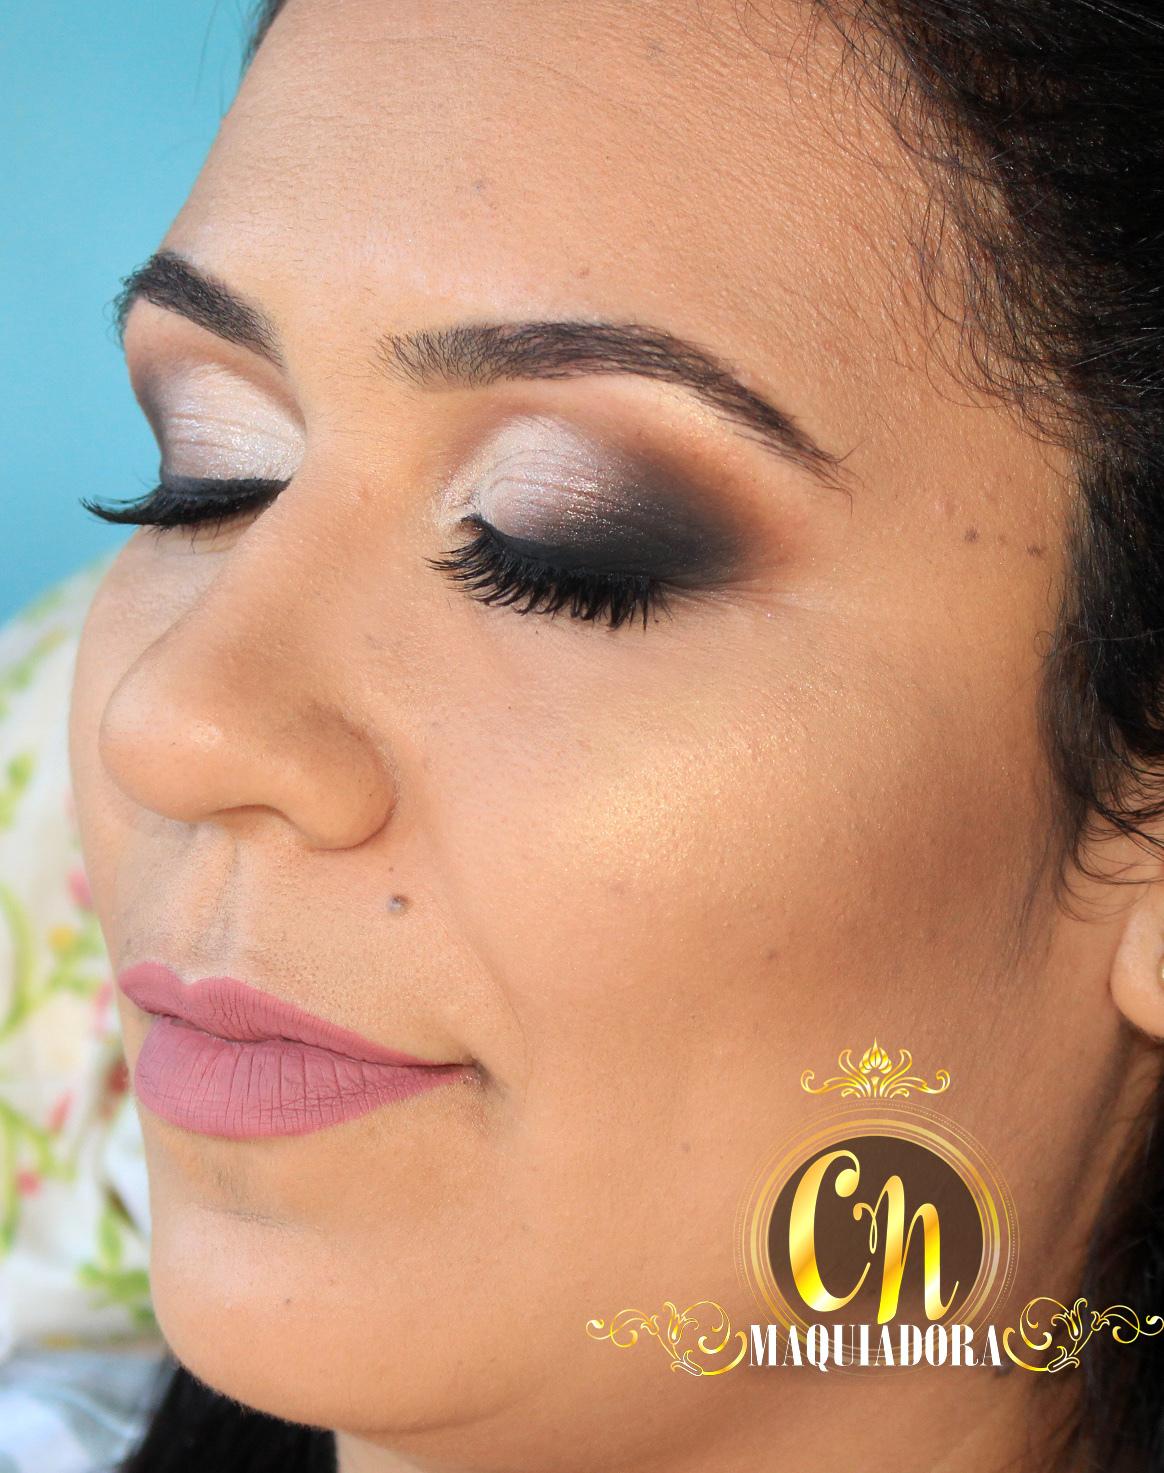 Maquiagem bafônica pra madrinha!  #maquiagemmadrinha #madrinha #maquiagem #maquiadoraubatuba #maquiagemubatuba #maquiadoracaraguatatuba #makeup #mua #ubatuba #caraguatatuba #belezaubatuba #casamento #casamentoubatuba maquiagem maquiador(a)